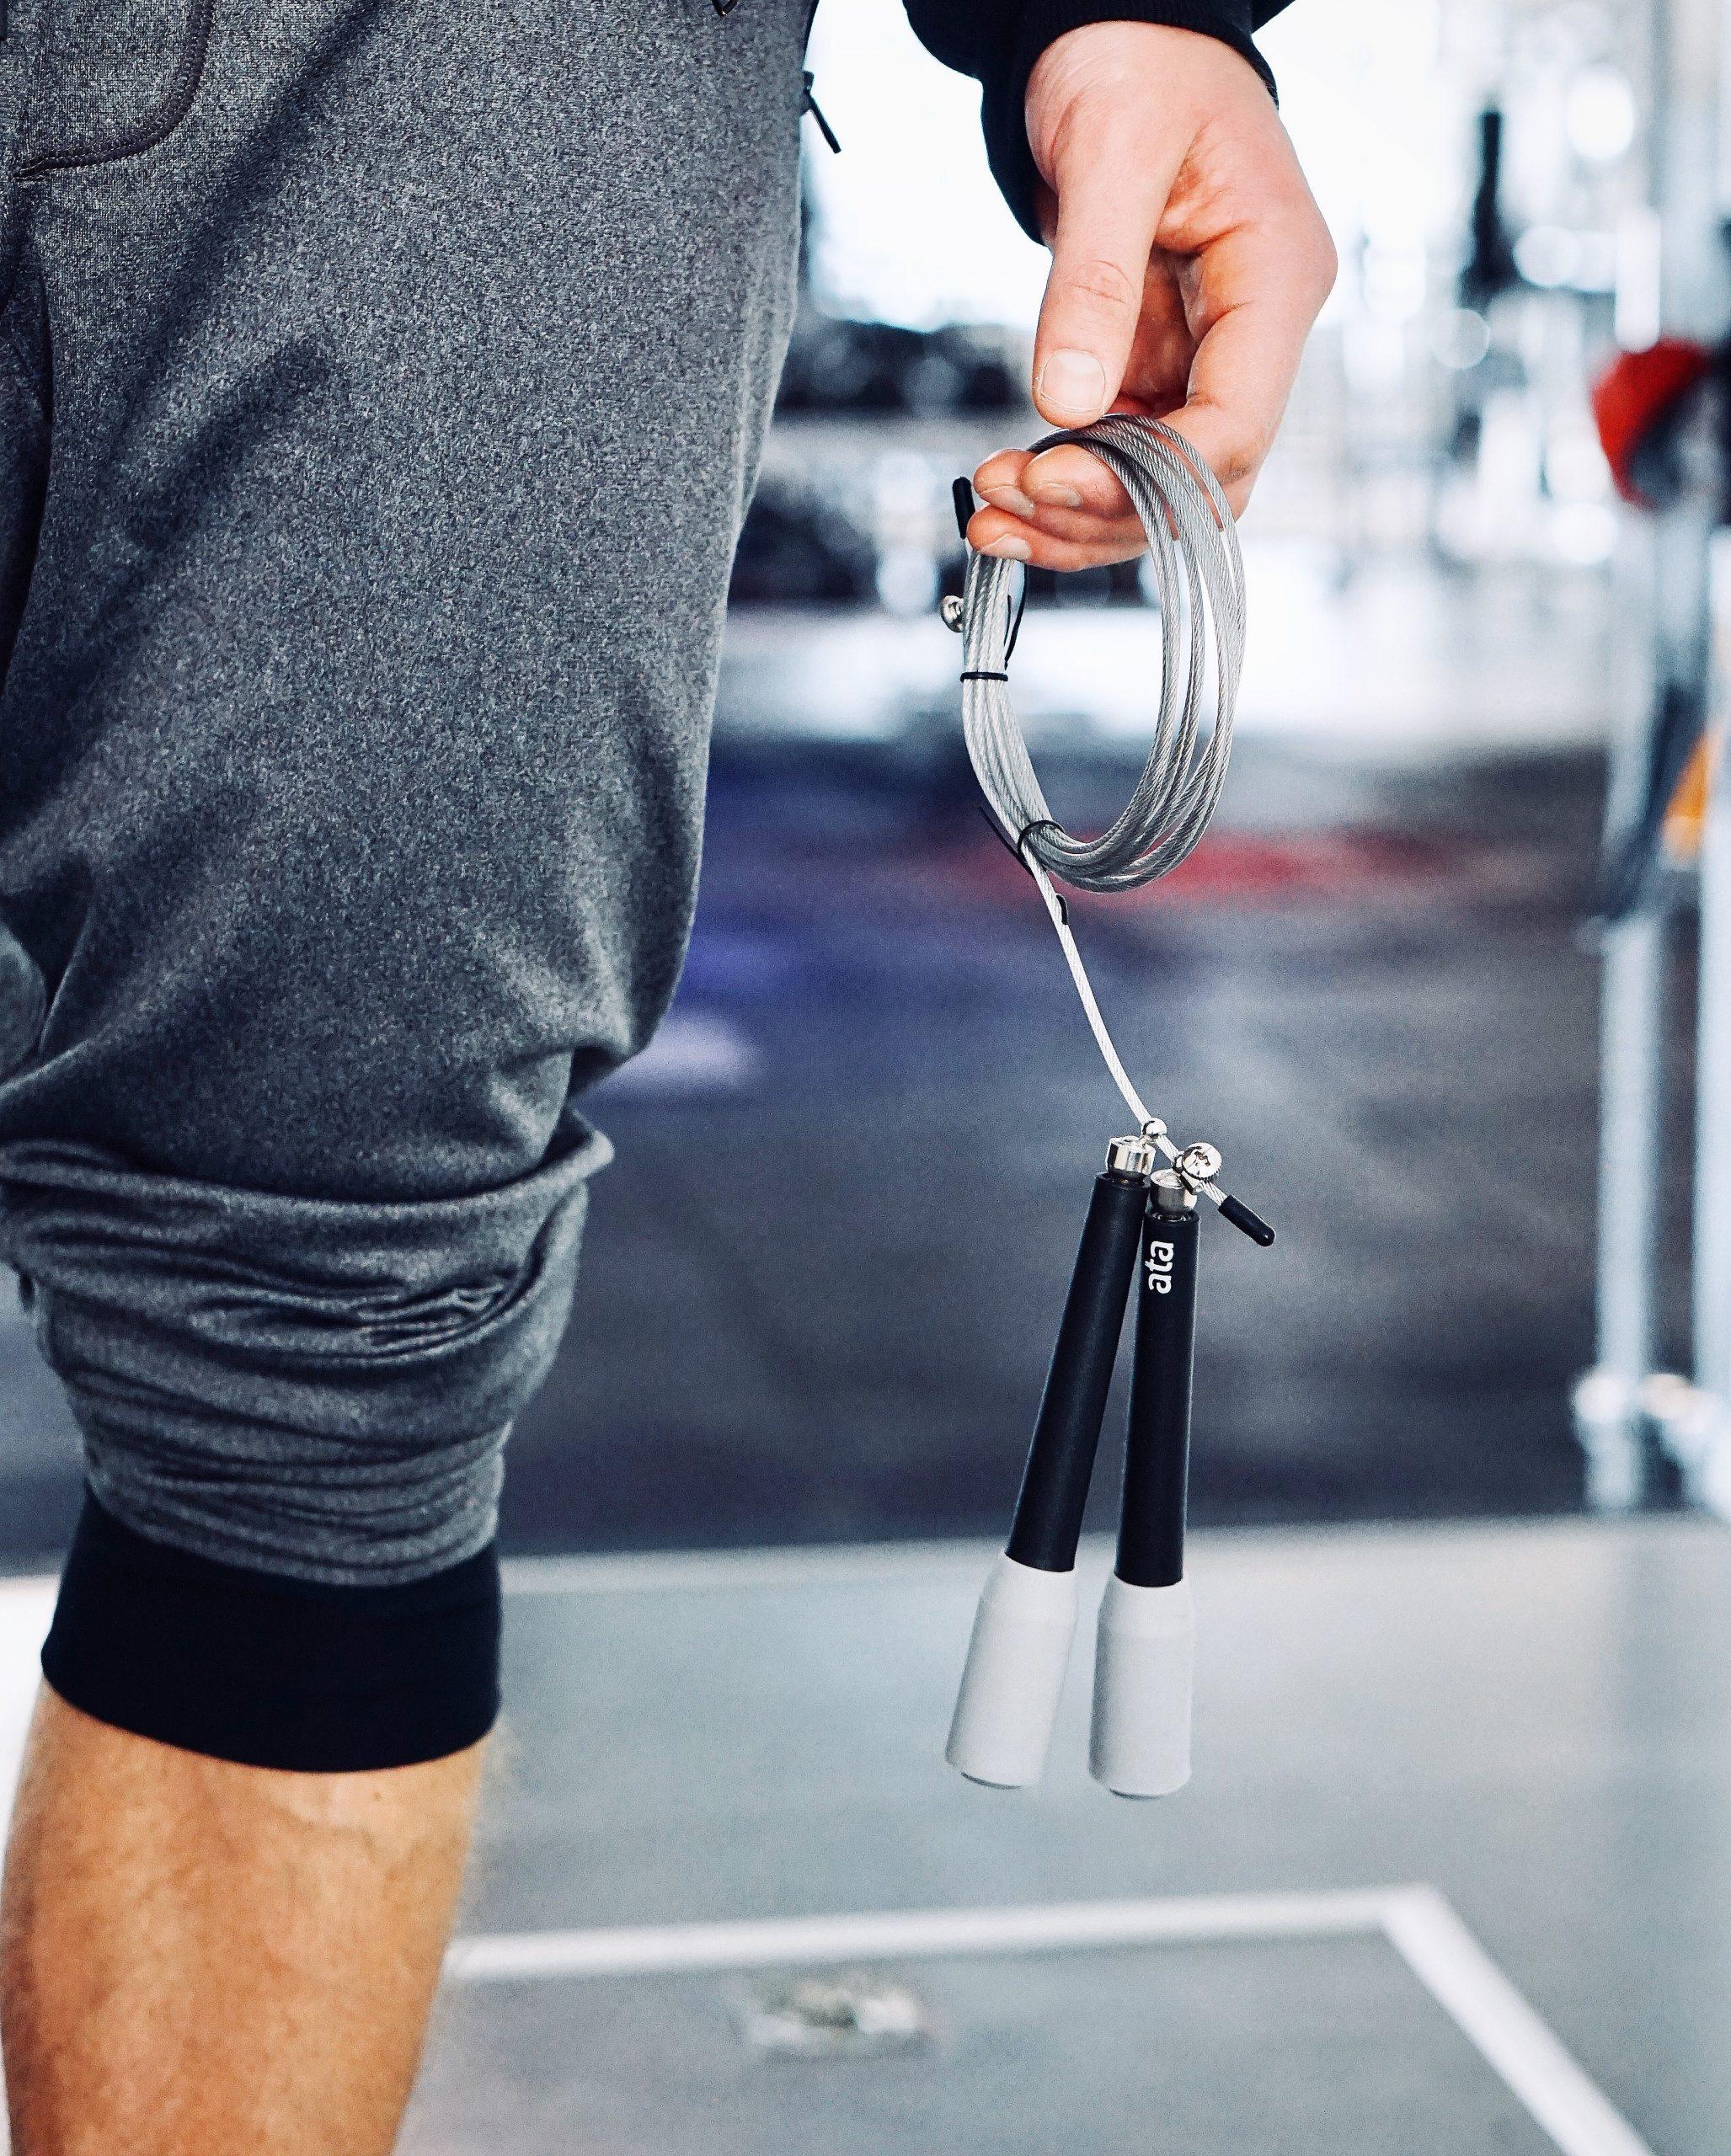 Olahraga Efektif yang Bisa Turunkan Berat Badan